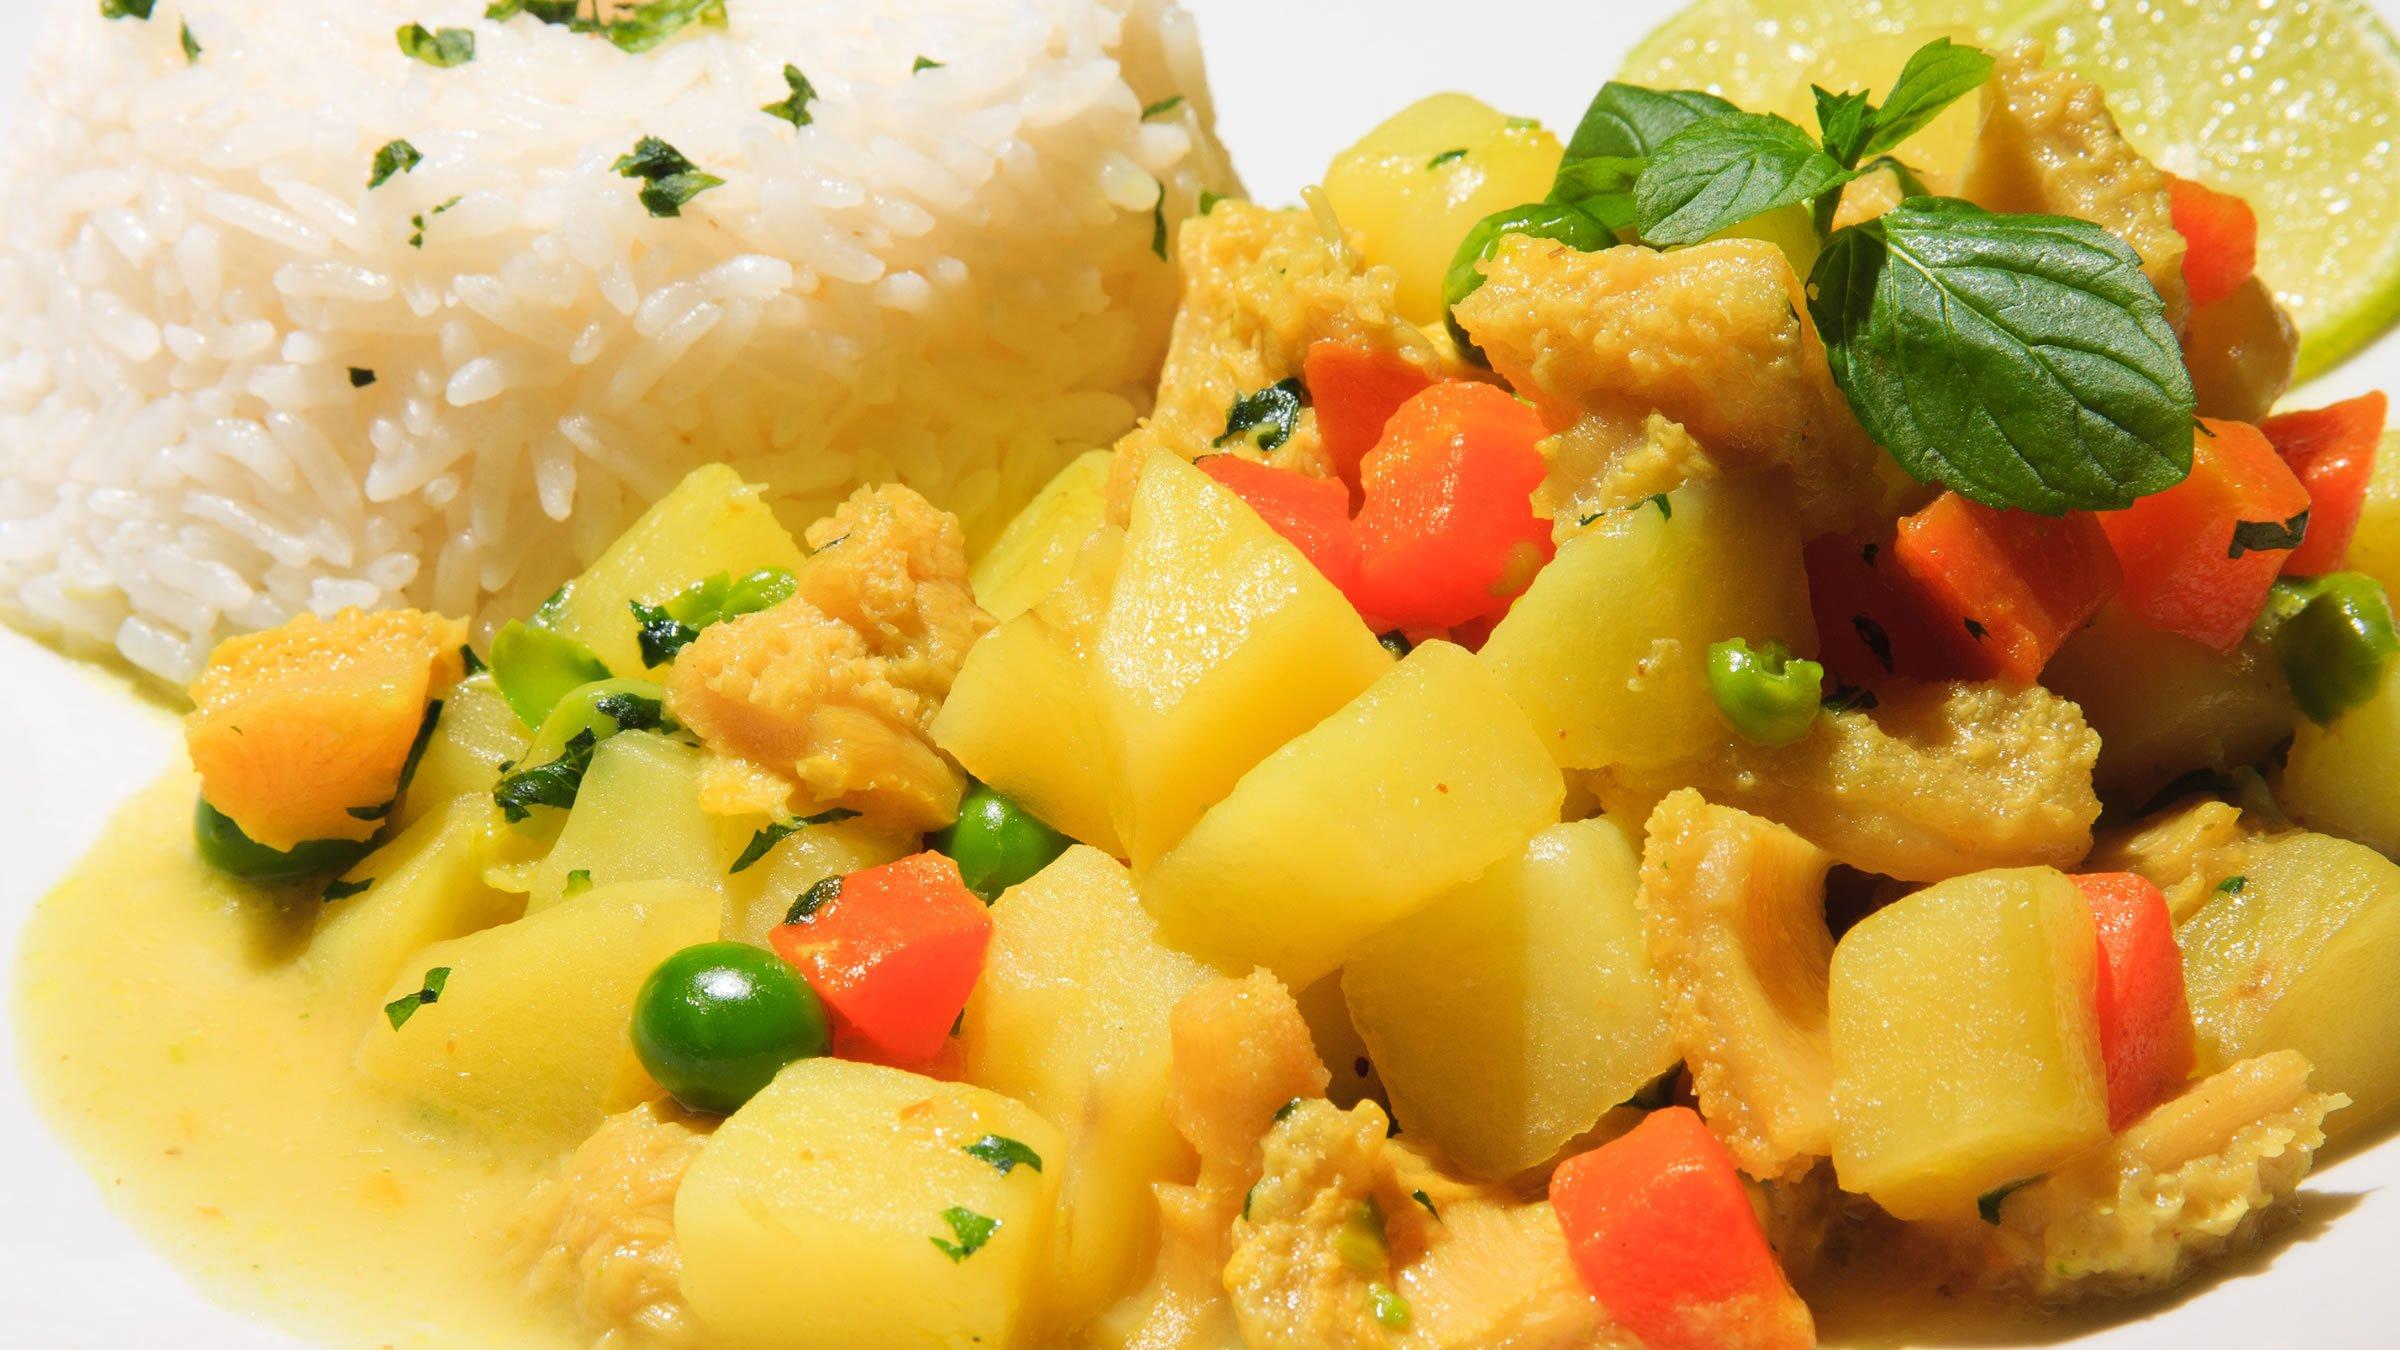 Fotos de desayunos tipicos de guatemala 49